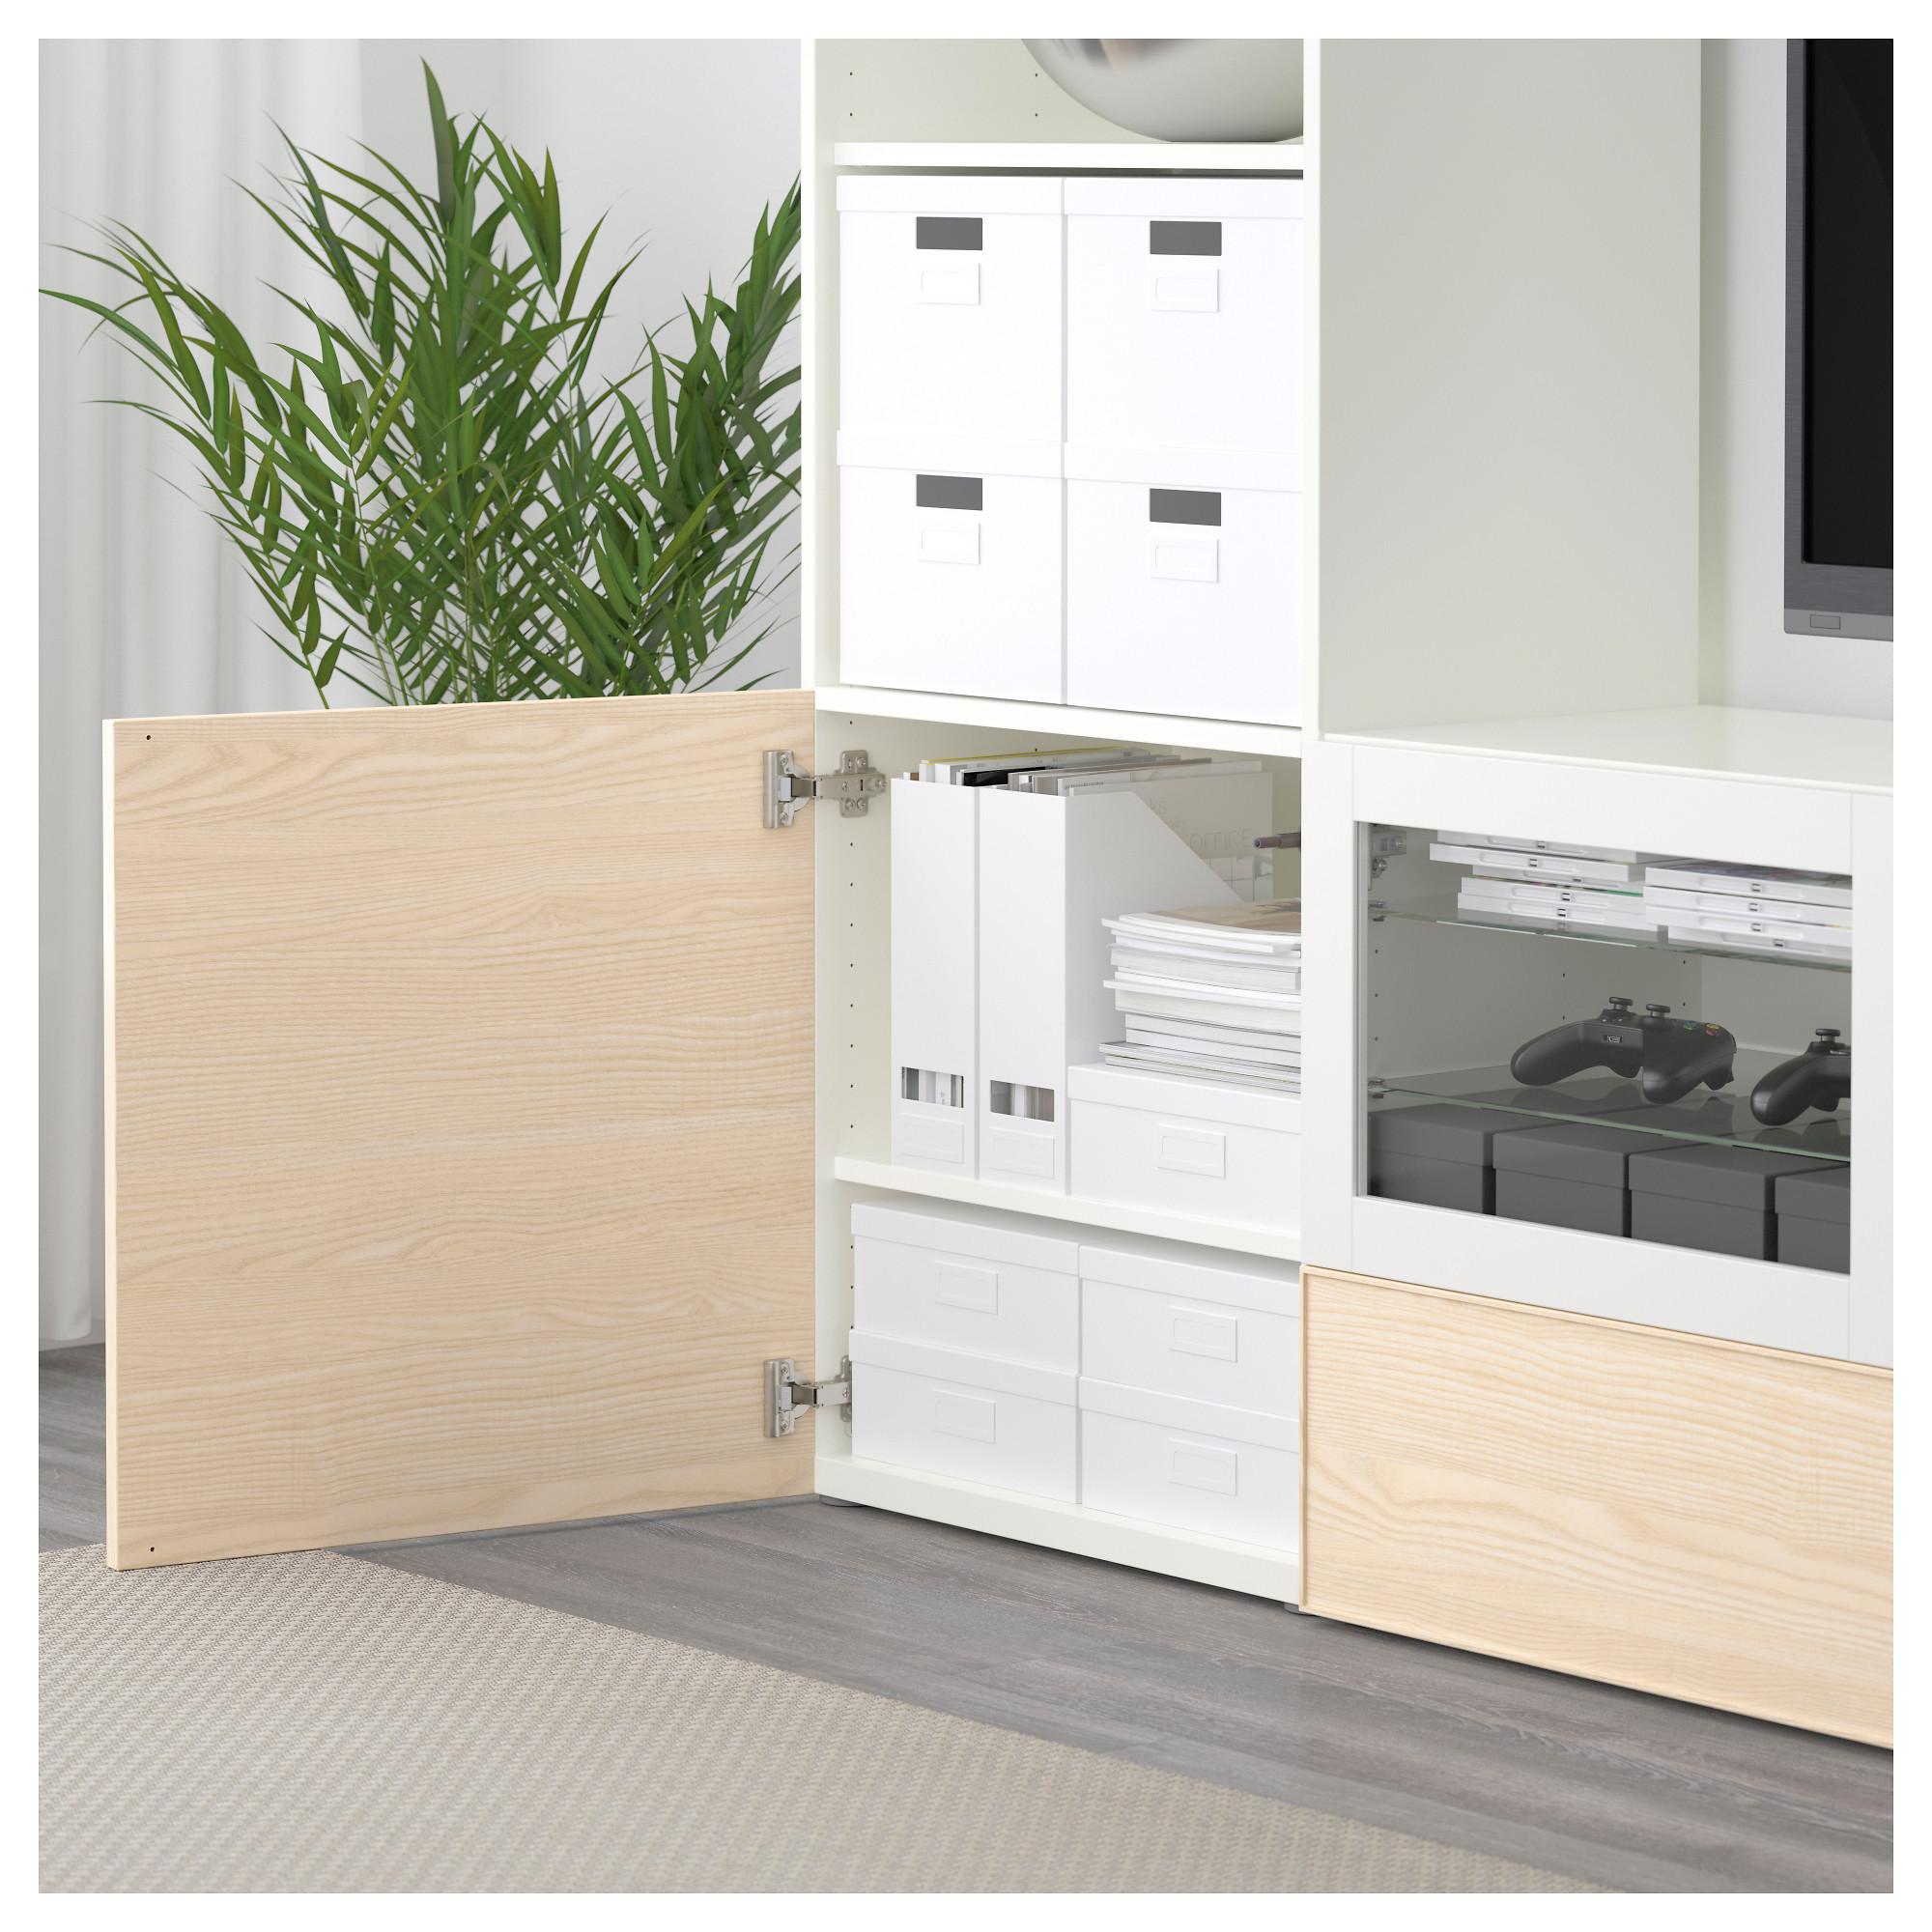 Шкаф для ТВ, комбинированный, стекляные дверцы БЕСТО белый артикуль № 092.501.41 в наличии. Интернет сайт IKEA Минск. Быстрая доставка и монтаж.